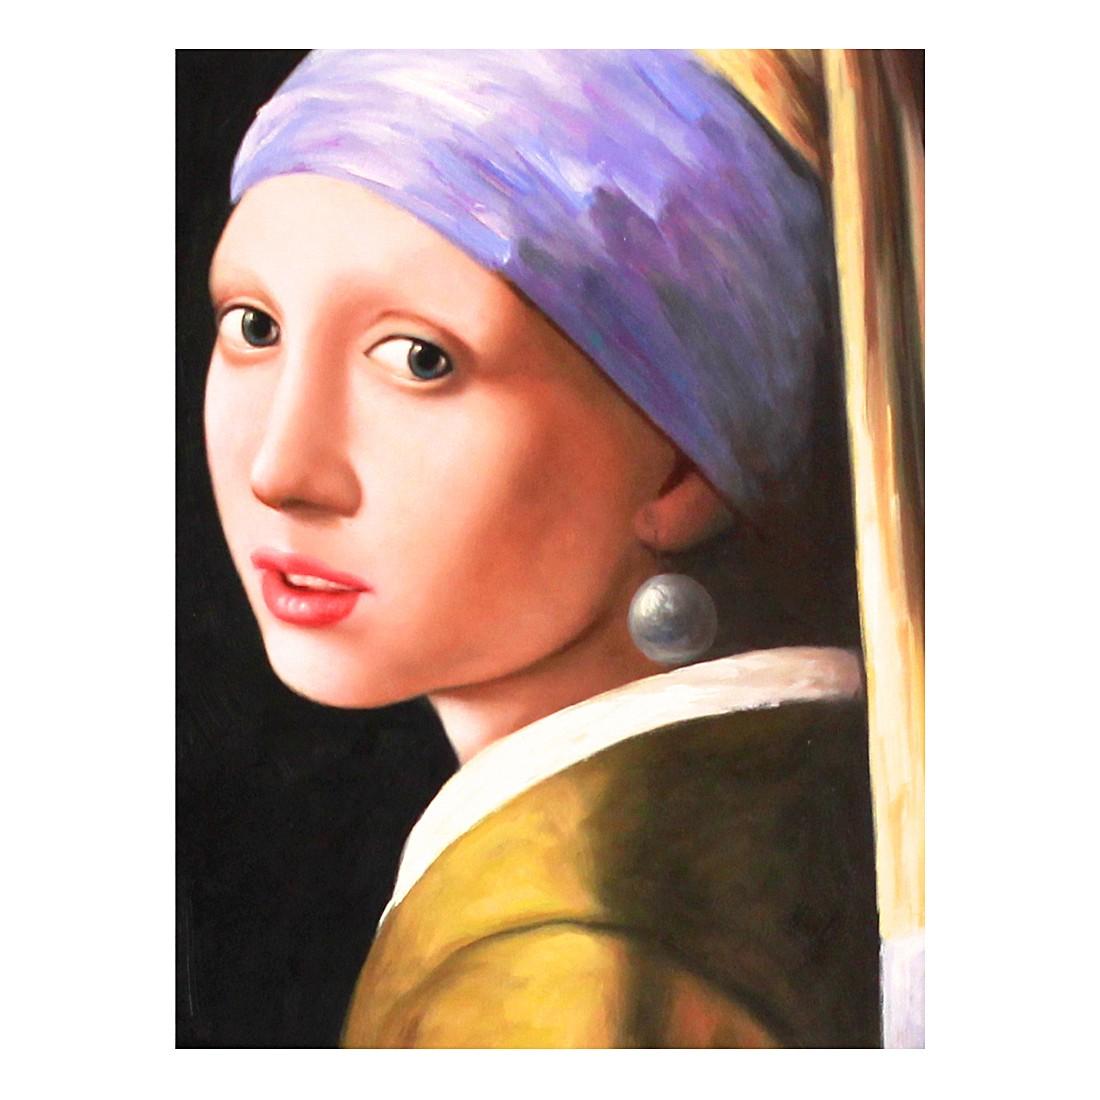 Ölgemälde Das Mädchen mit den Perlenohrringen von Jan Vermeer – Größe 40 x 30 cm, yourPainting online kaufen